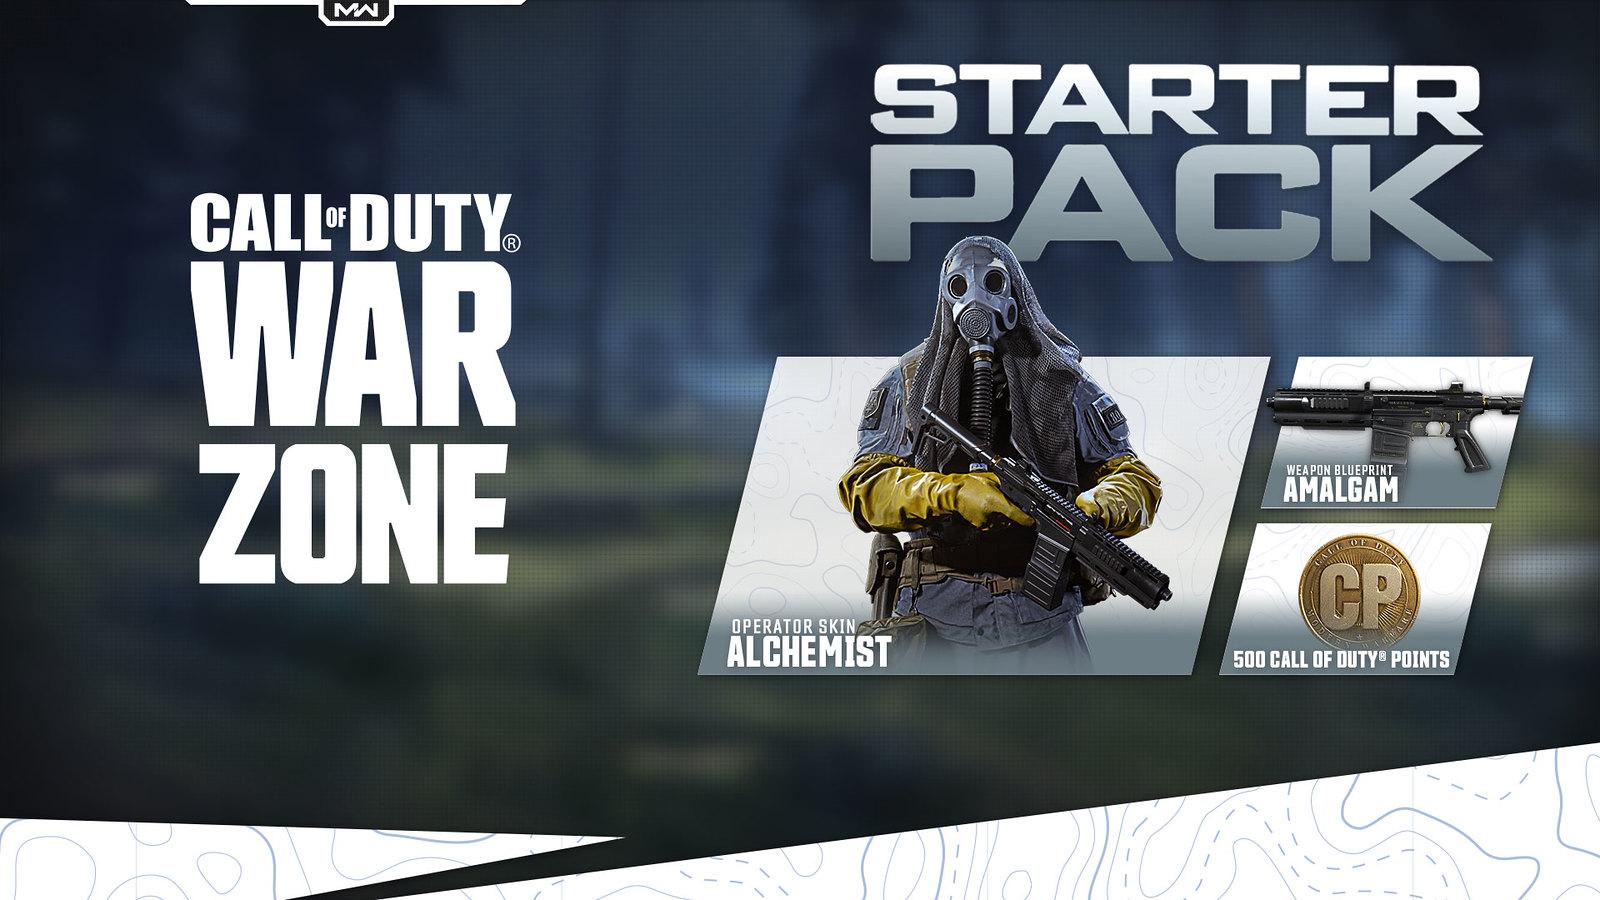 50047894738 8b06b4e2f2 h - Call of Duty: Modern Warfare Saison Vier Reloaded fügt 200-Spieler Warzone und mehr hinzu